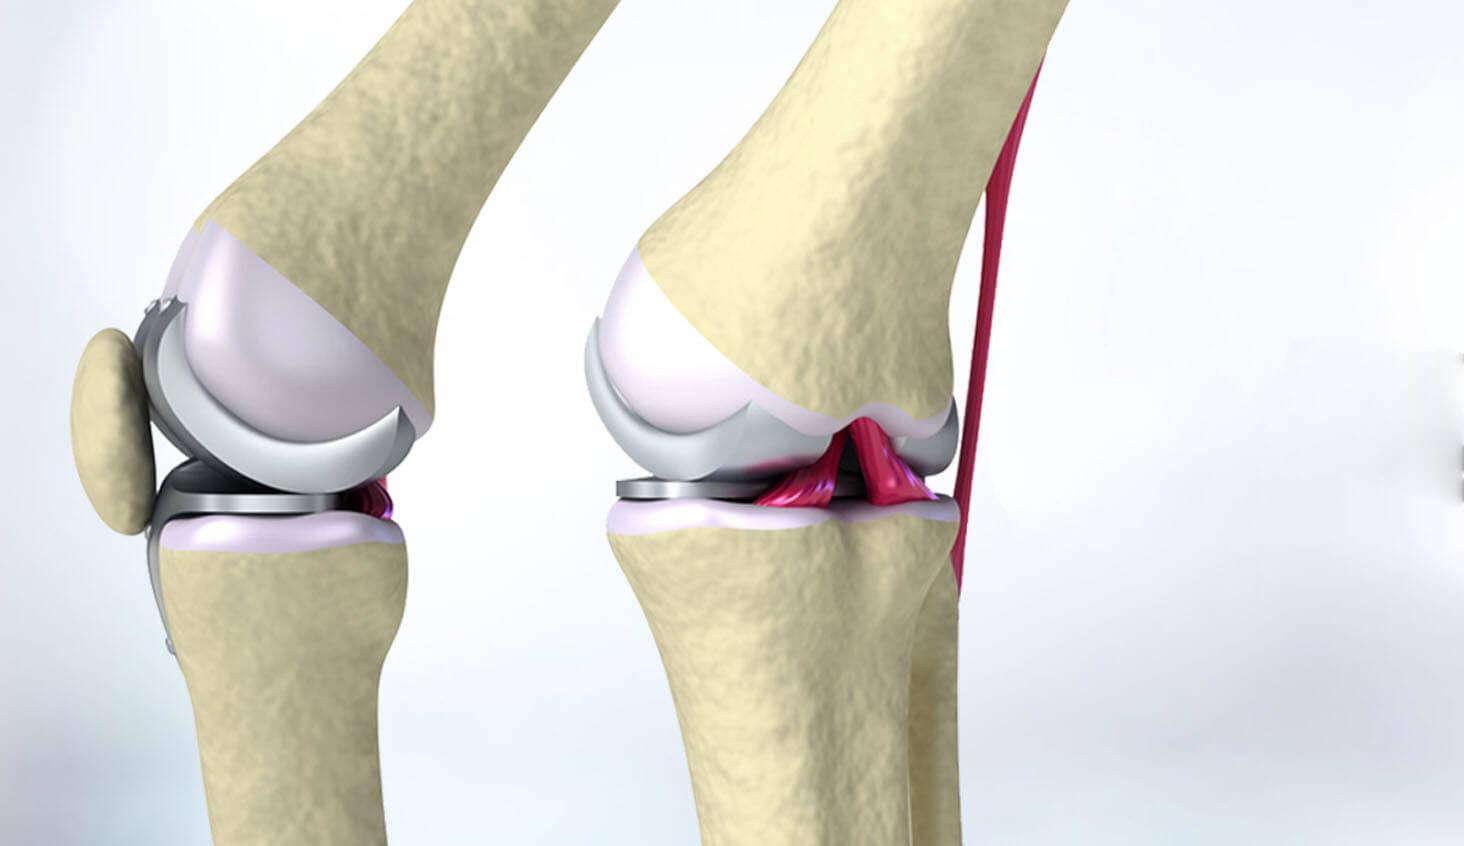 Diz ve Eklem Protezi